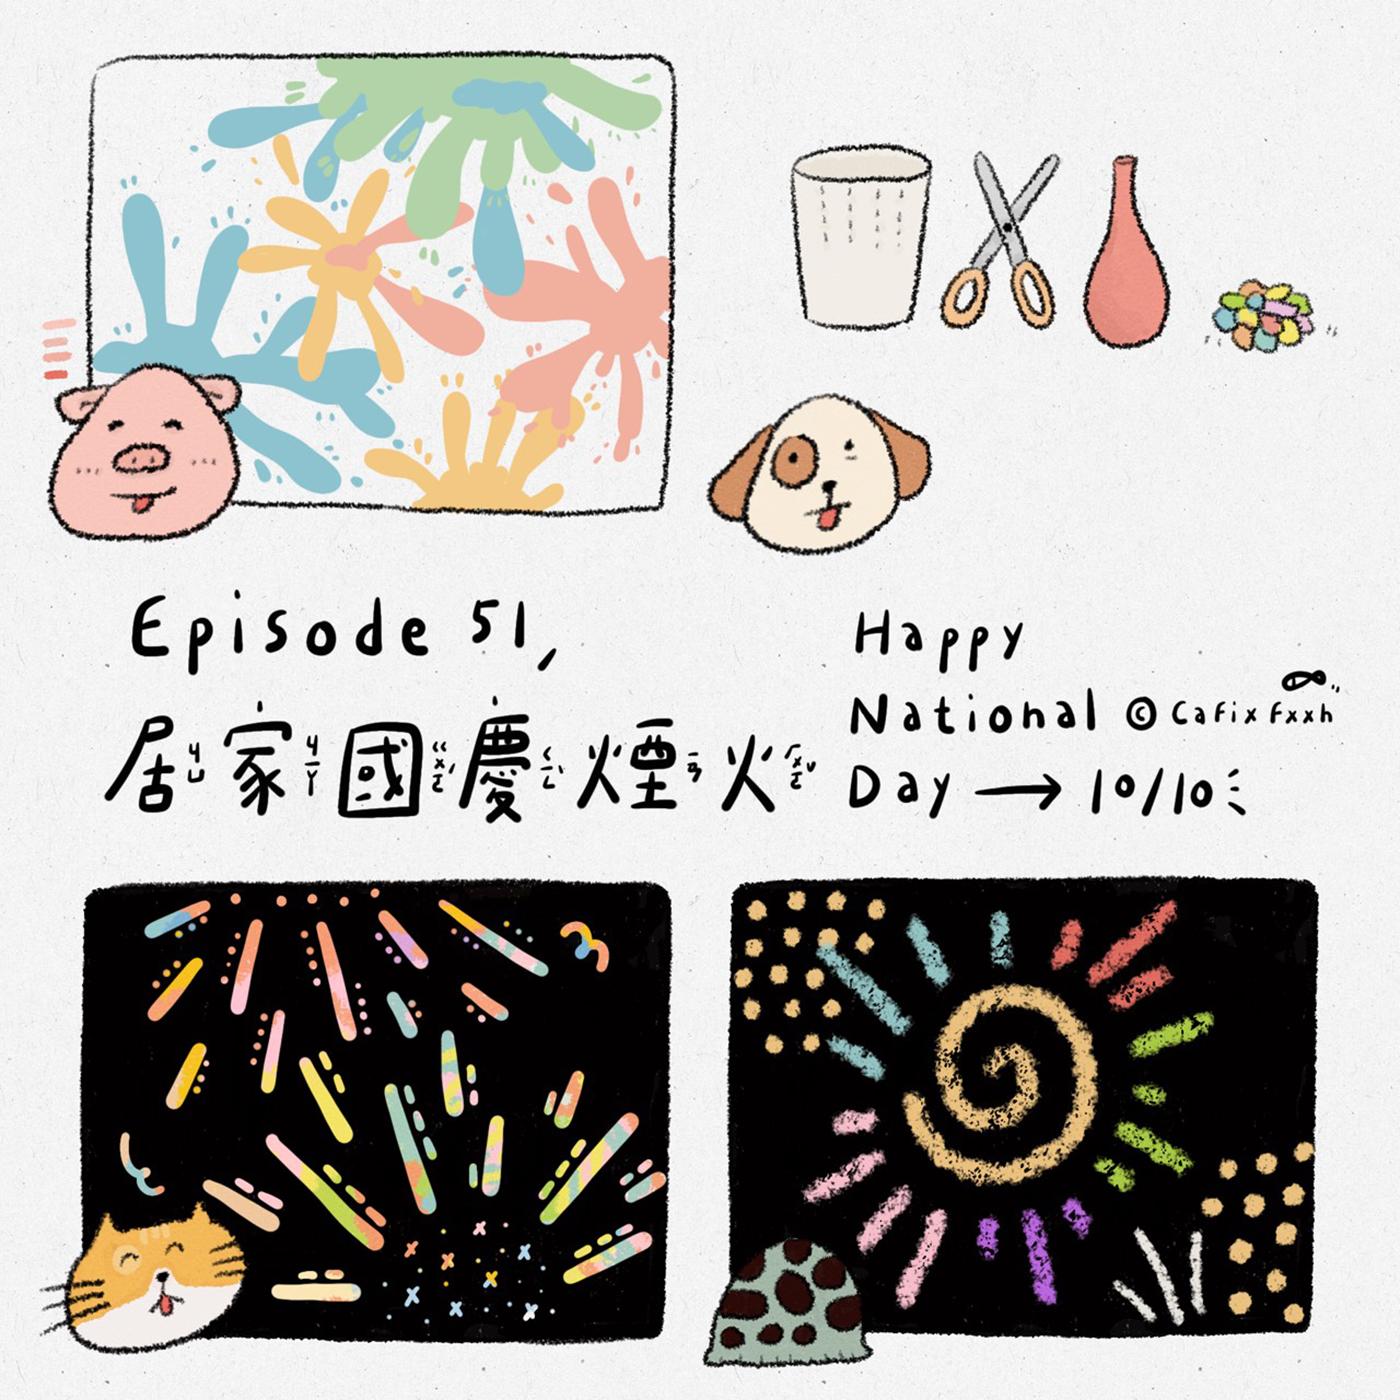 EP51. 節慶小故事>>居家國慶煙火